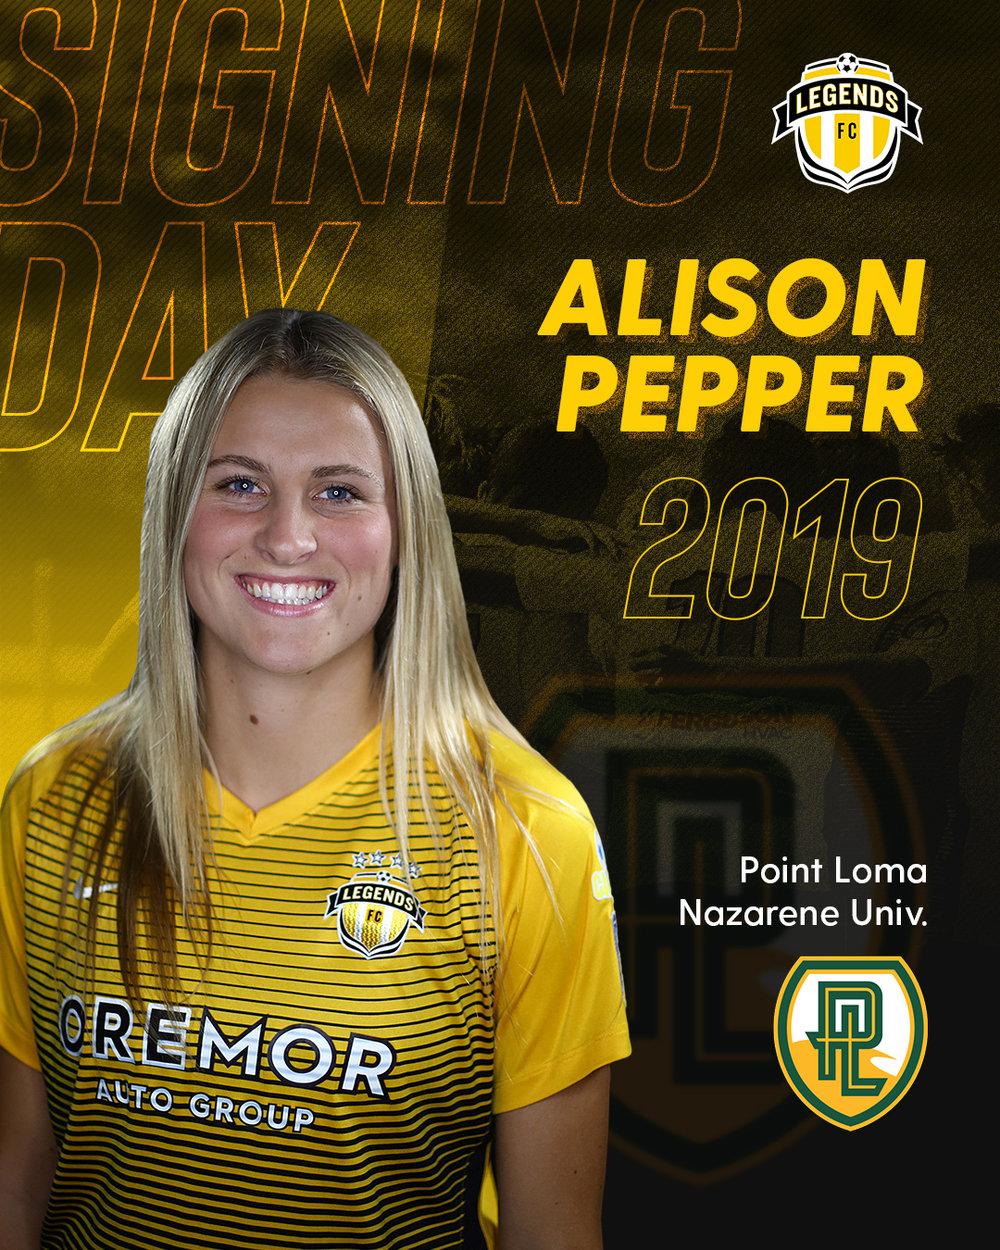 alisson-pepper.jpg